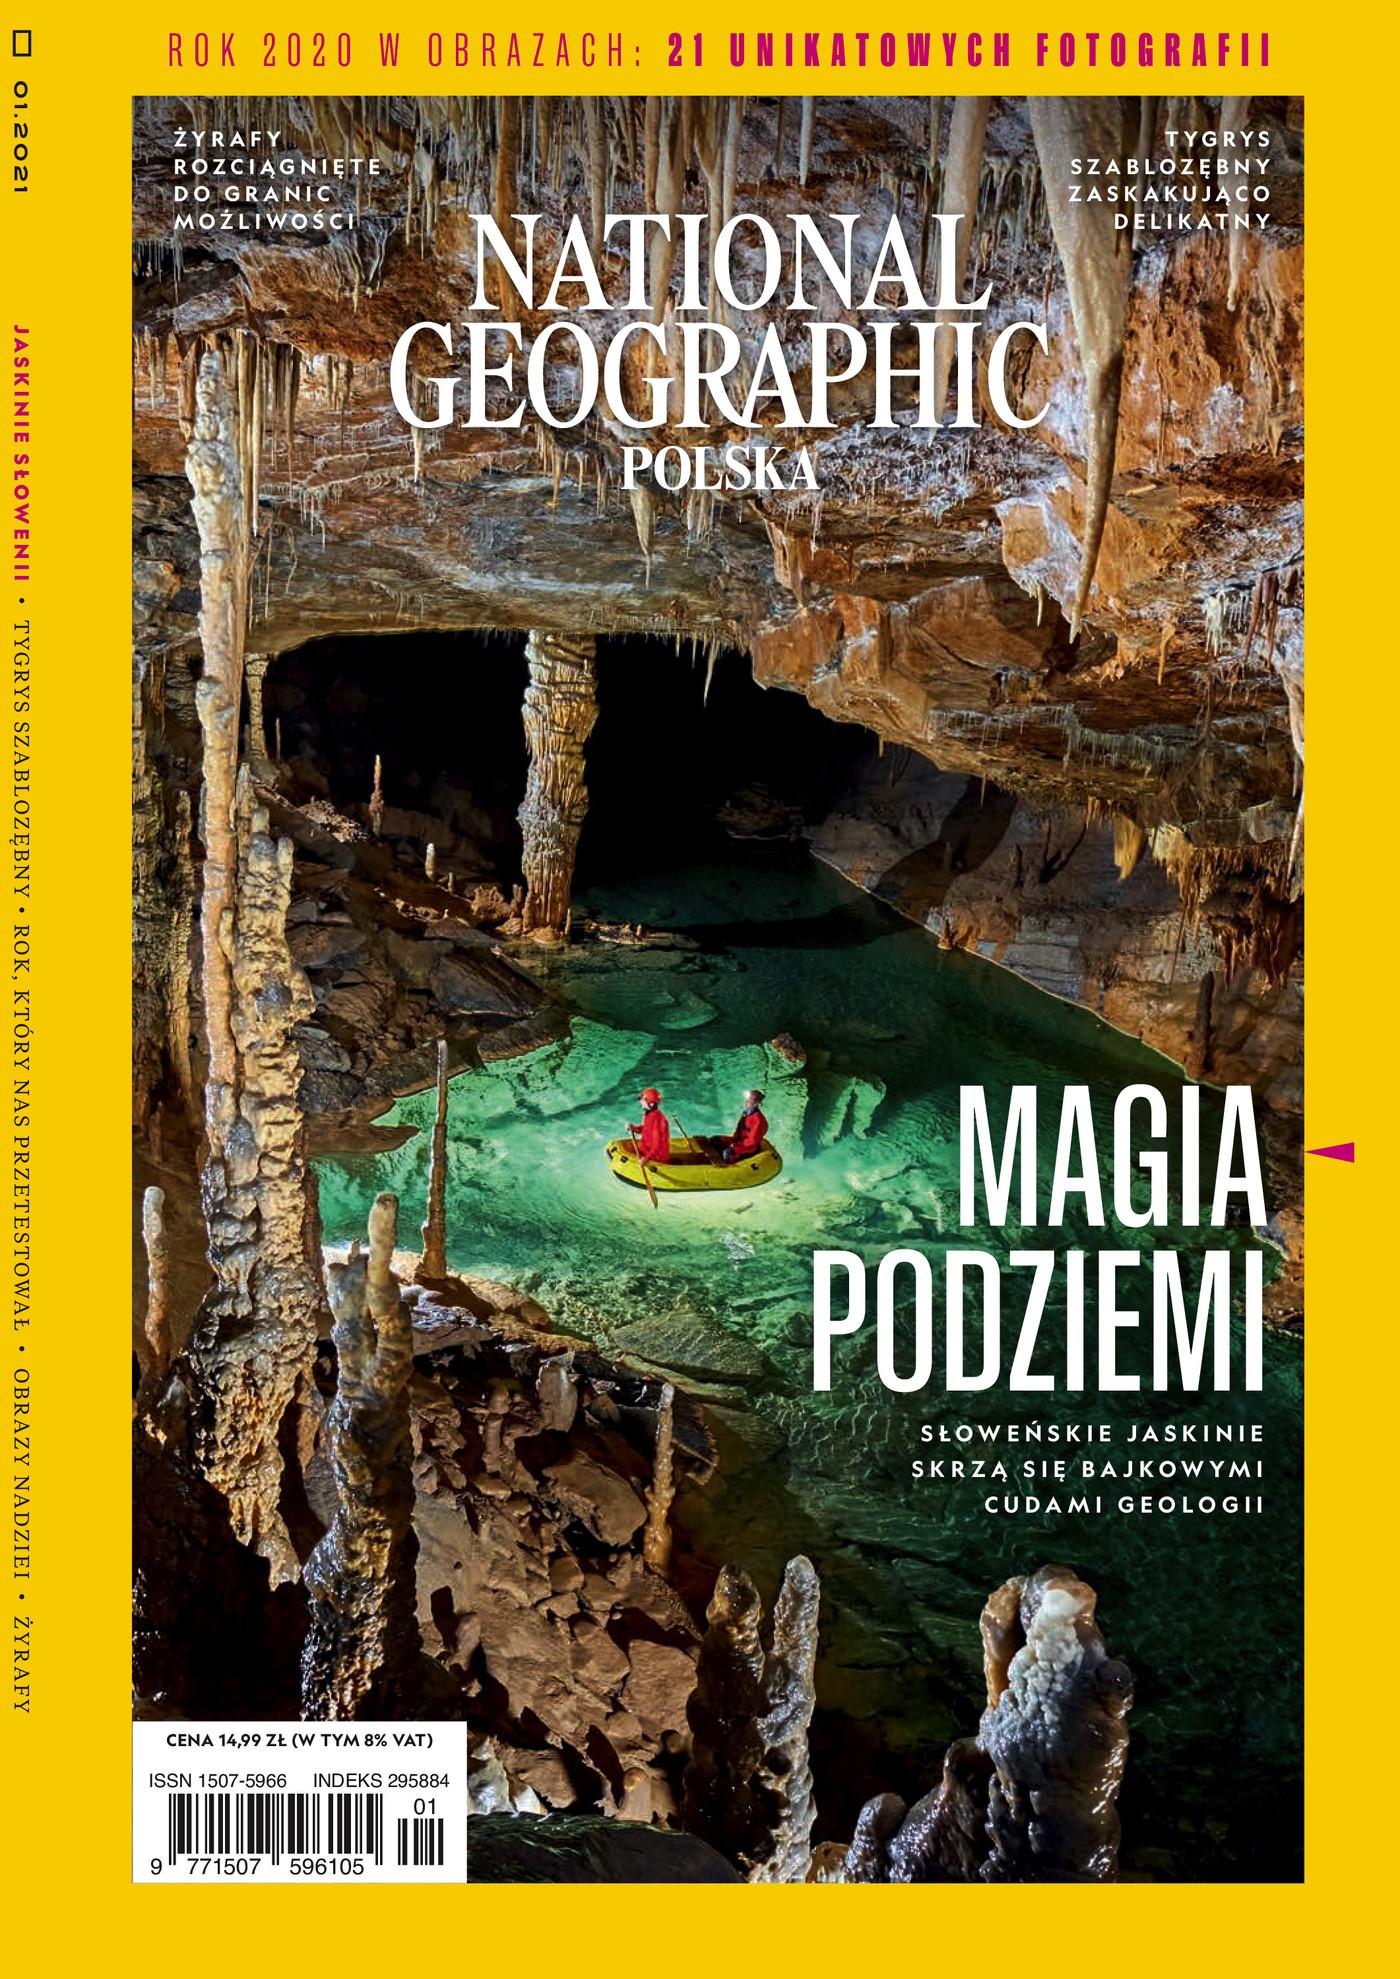 National Geographic - e-wydanie - 1/2021 - NEXTO.PL